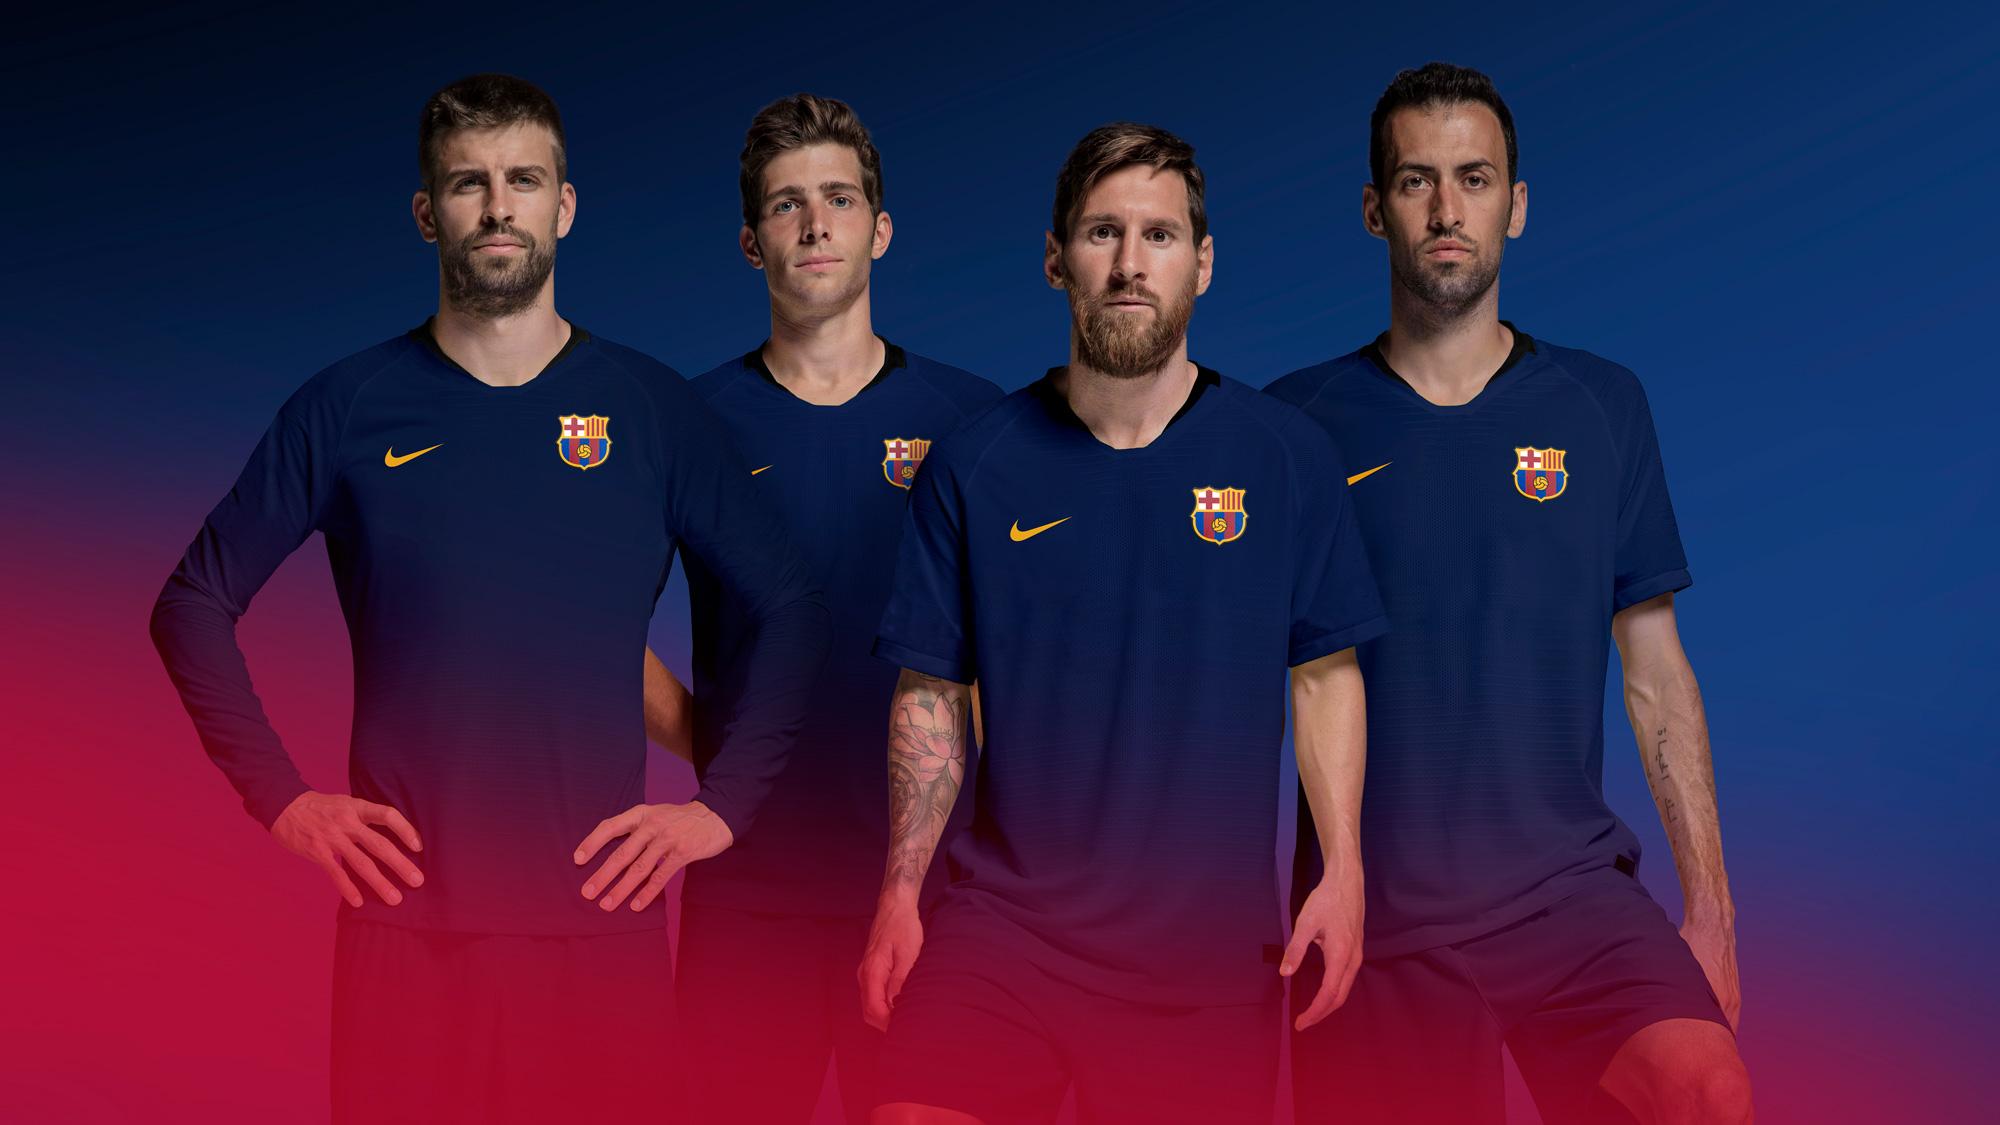 wizualne przedstawienie piłkarzy barcelony z lowym herbem na piersiach